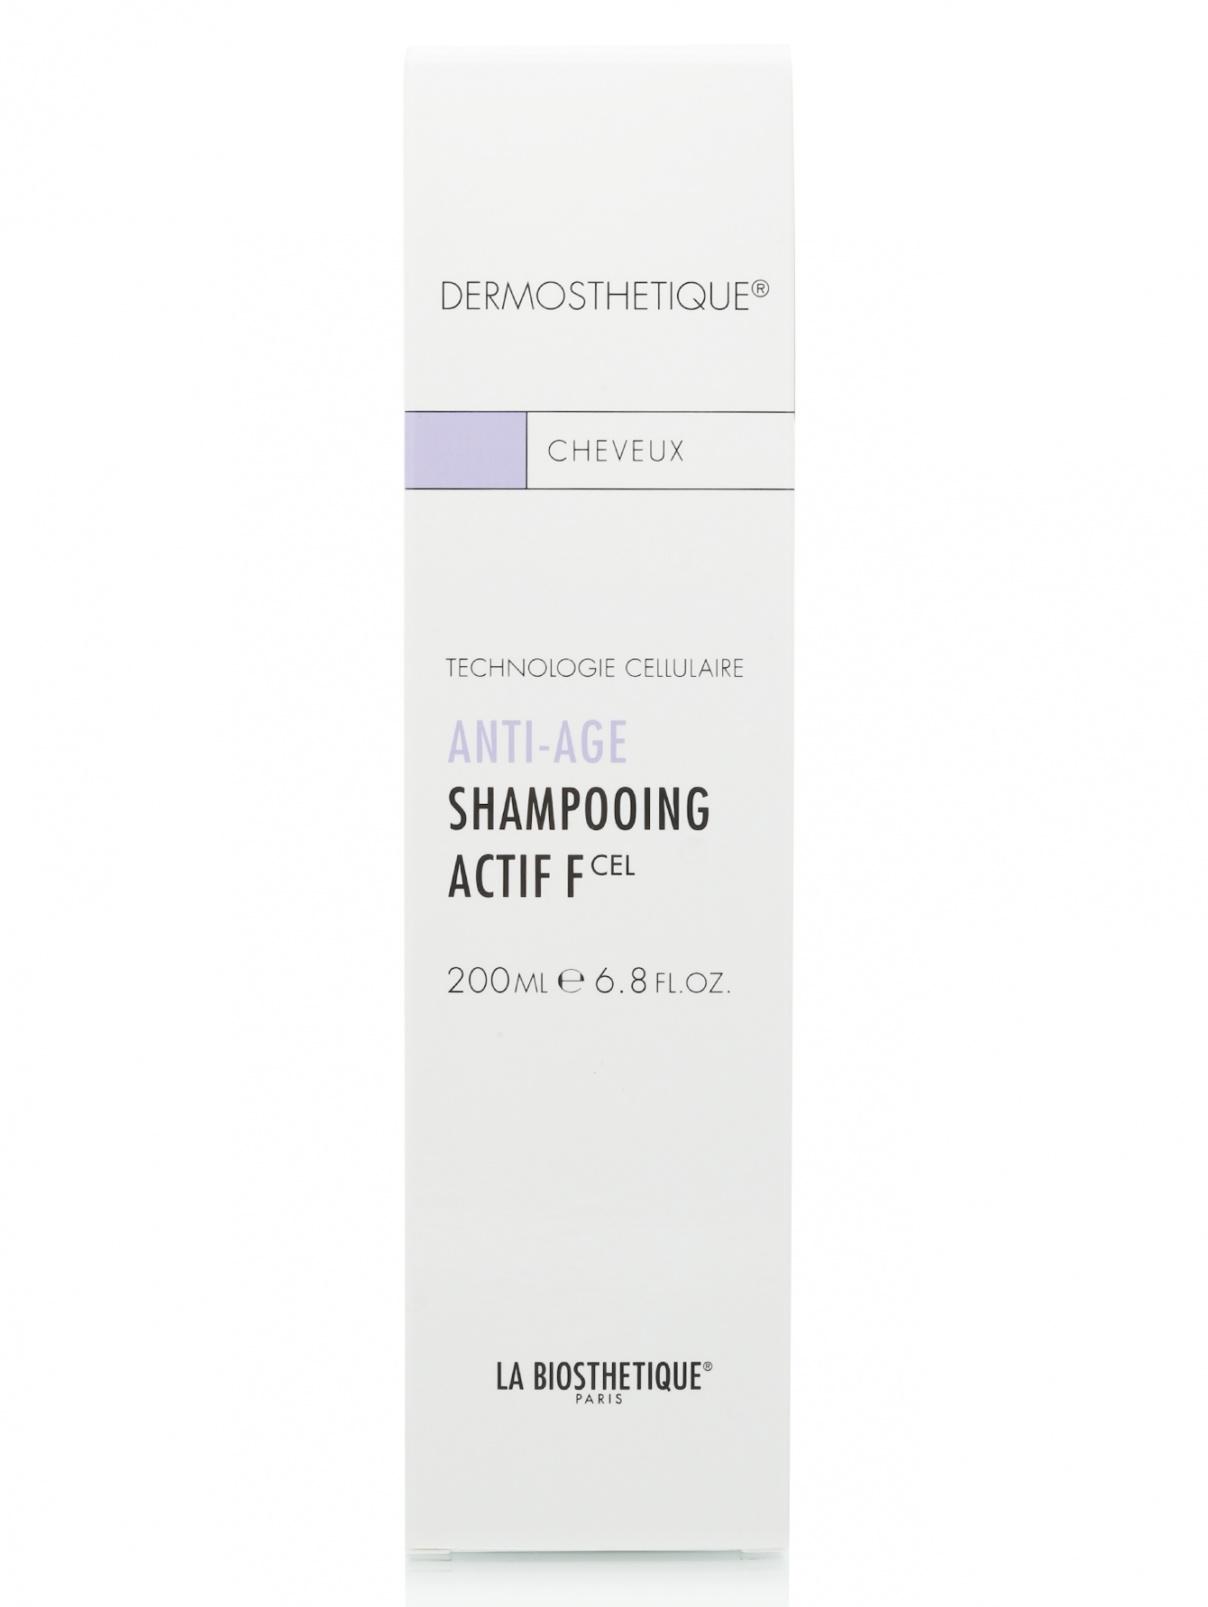 Клеточно-активный anti-age шампунь для тонких волос - Hair Care, 200ml La Biosthetique  –  Модель Общий вид